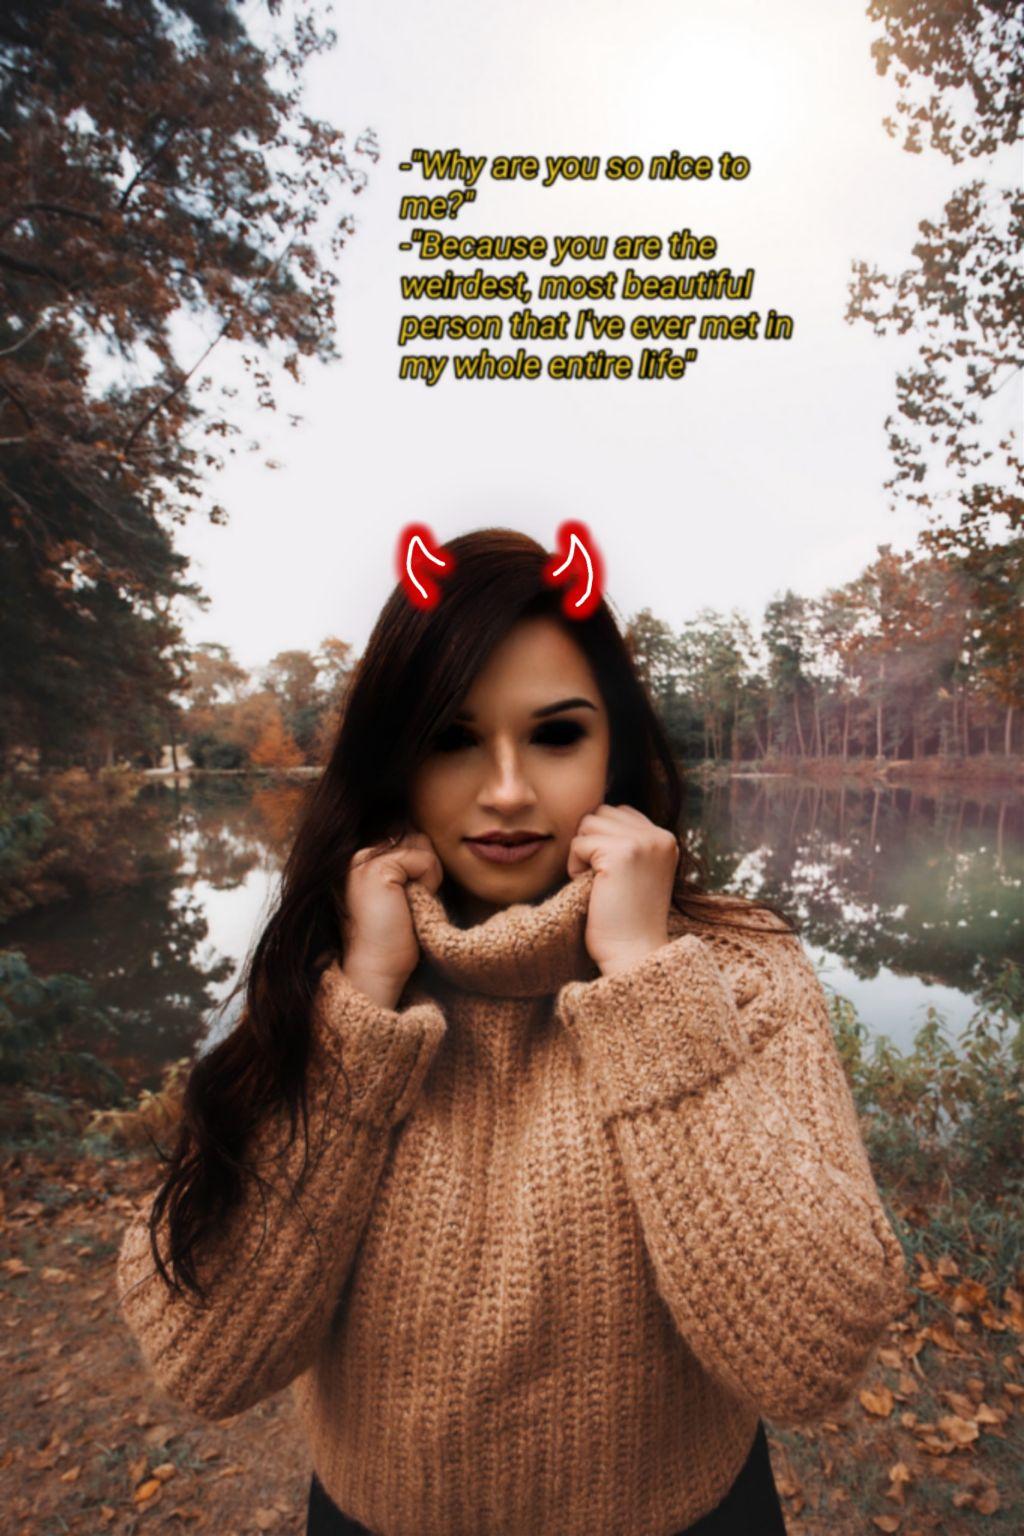 #freetoedit #Jirtee #edit #fall #autumn #aesthetic #leaf #winter